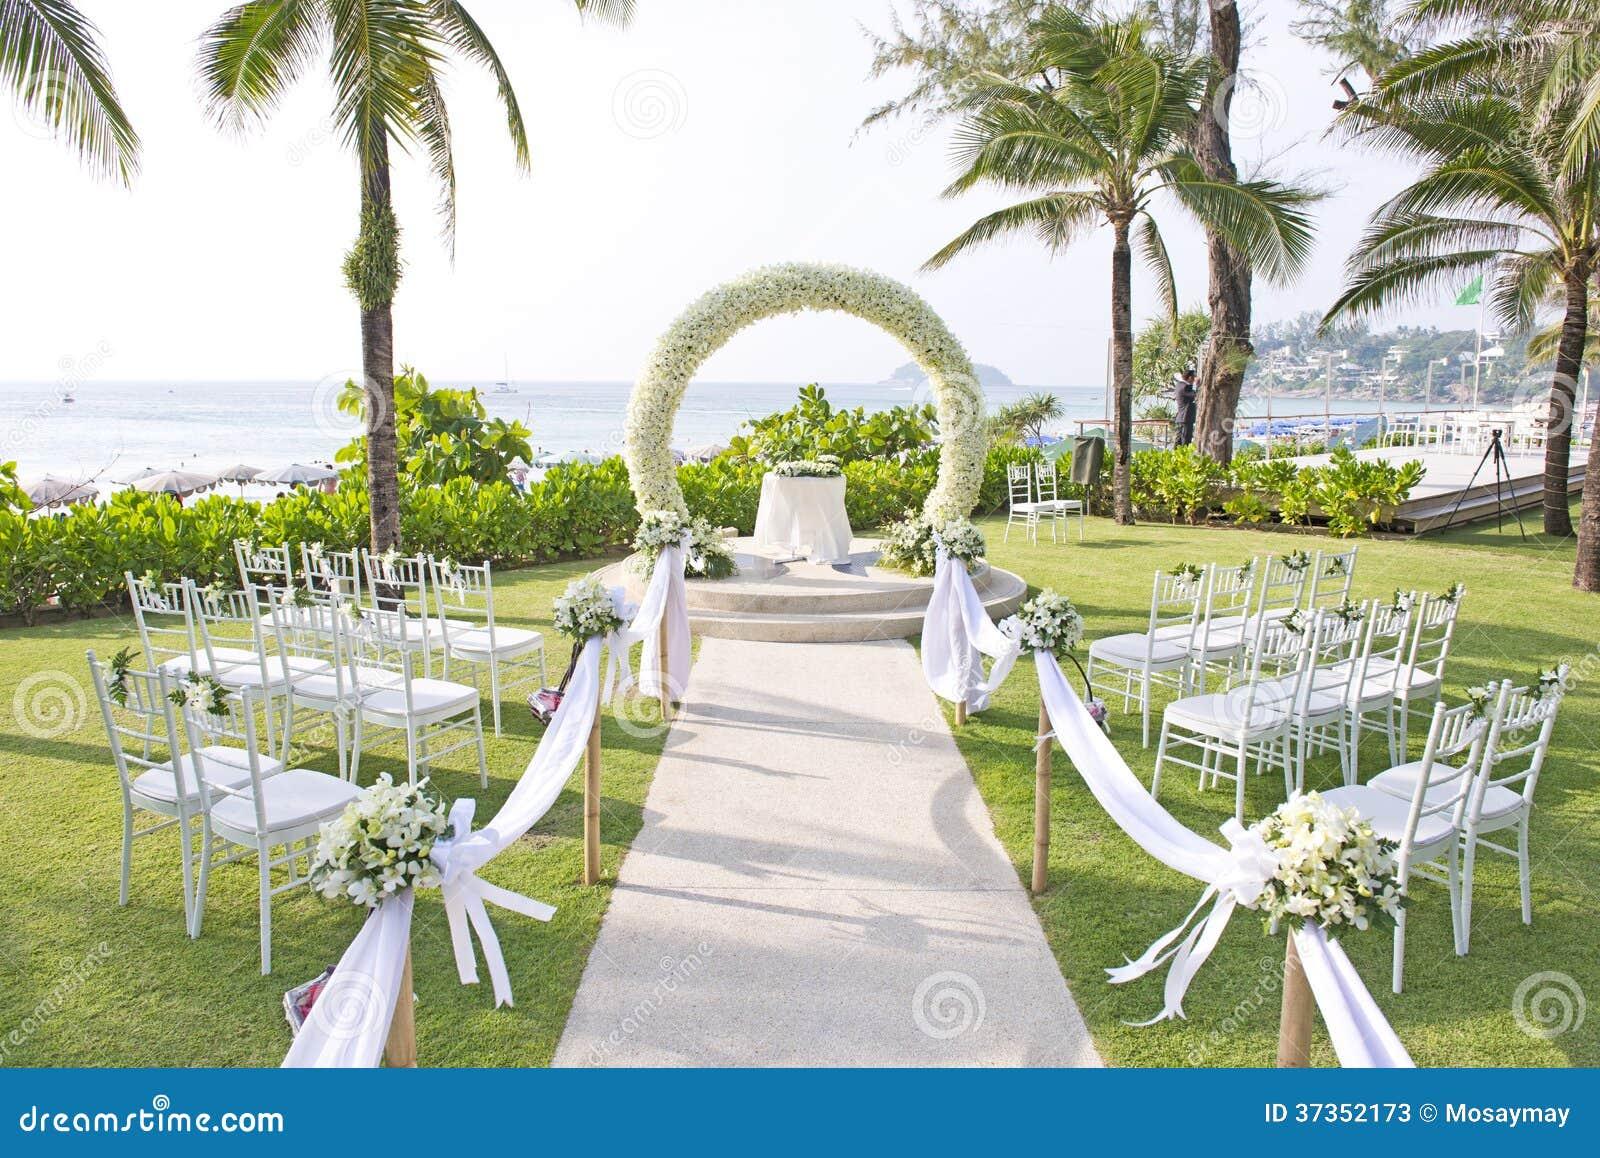 Boda puesta en jard n dentro de la playa fotos de archivo for Arreglo de boda en jardin